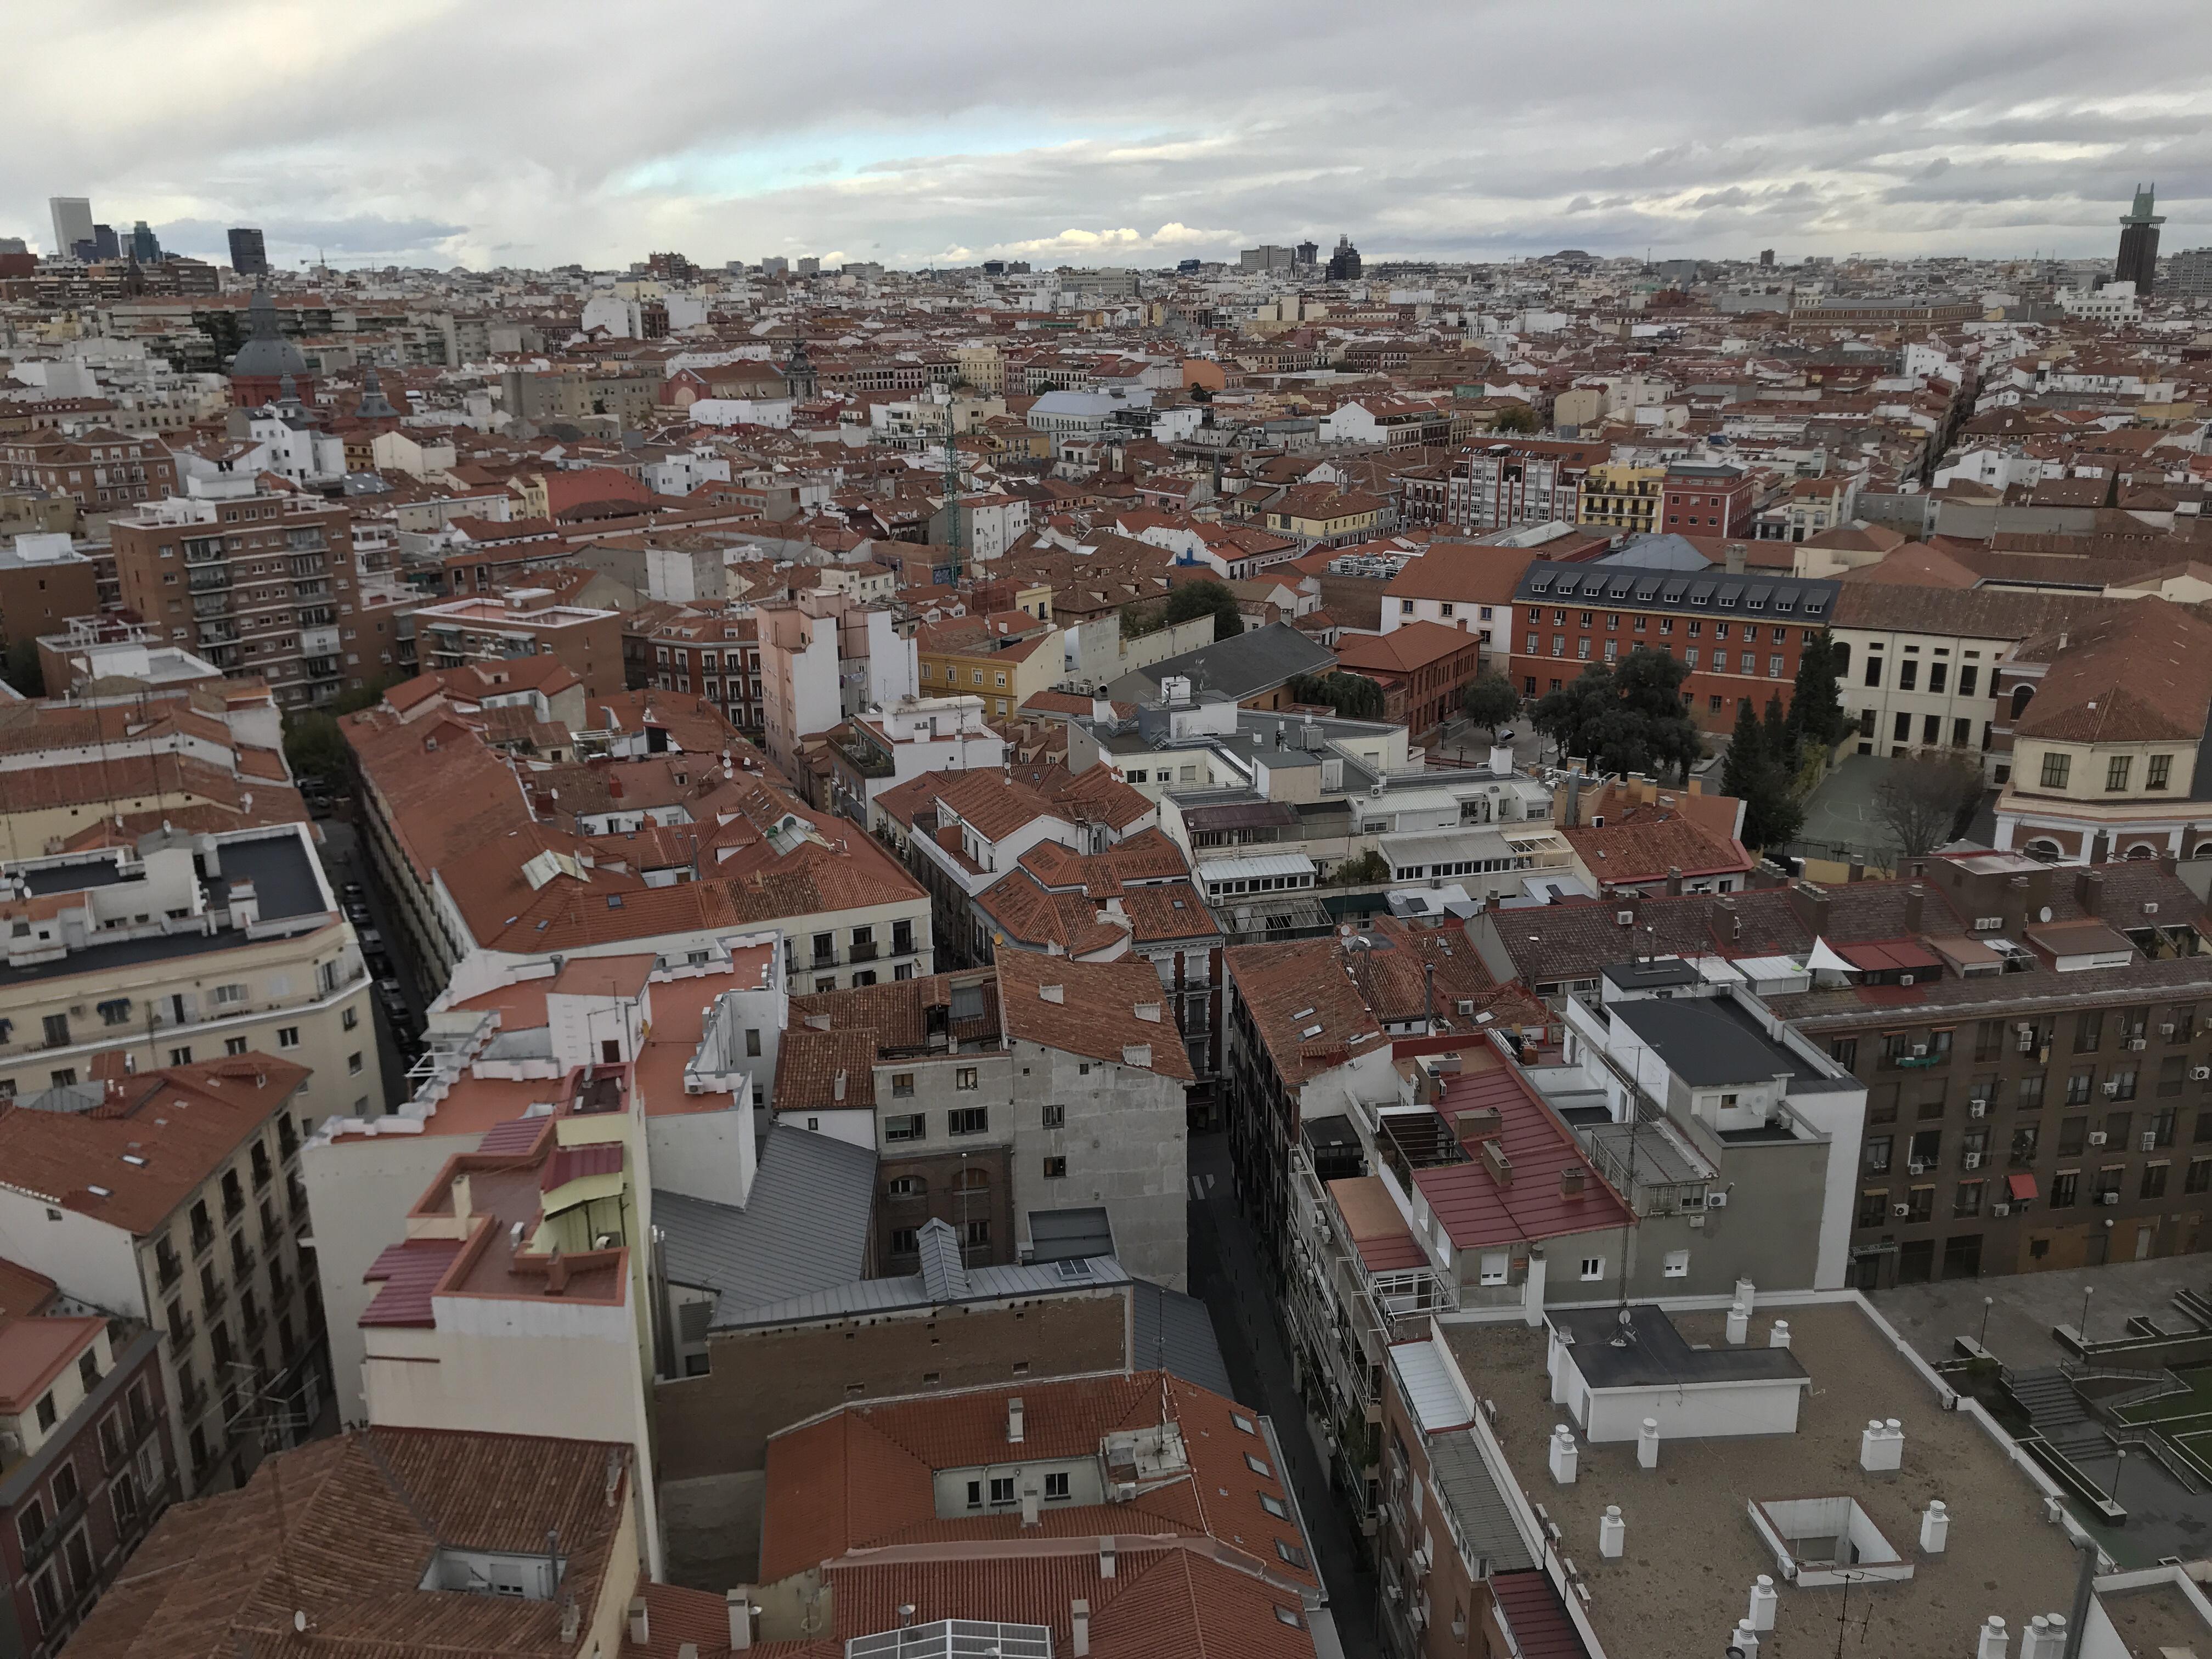 Förstaintryck av Madrid